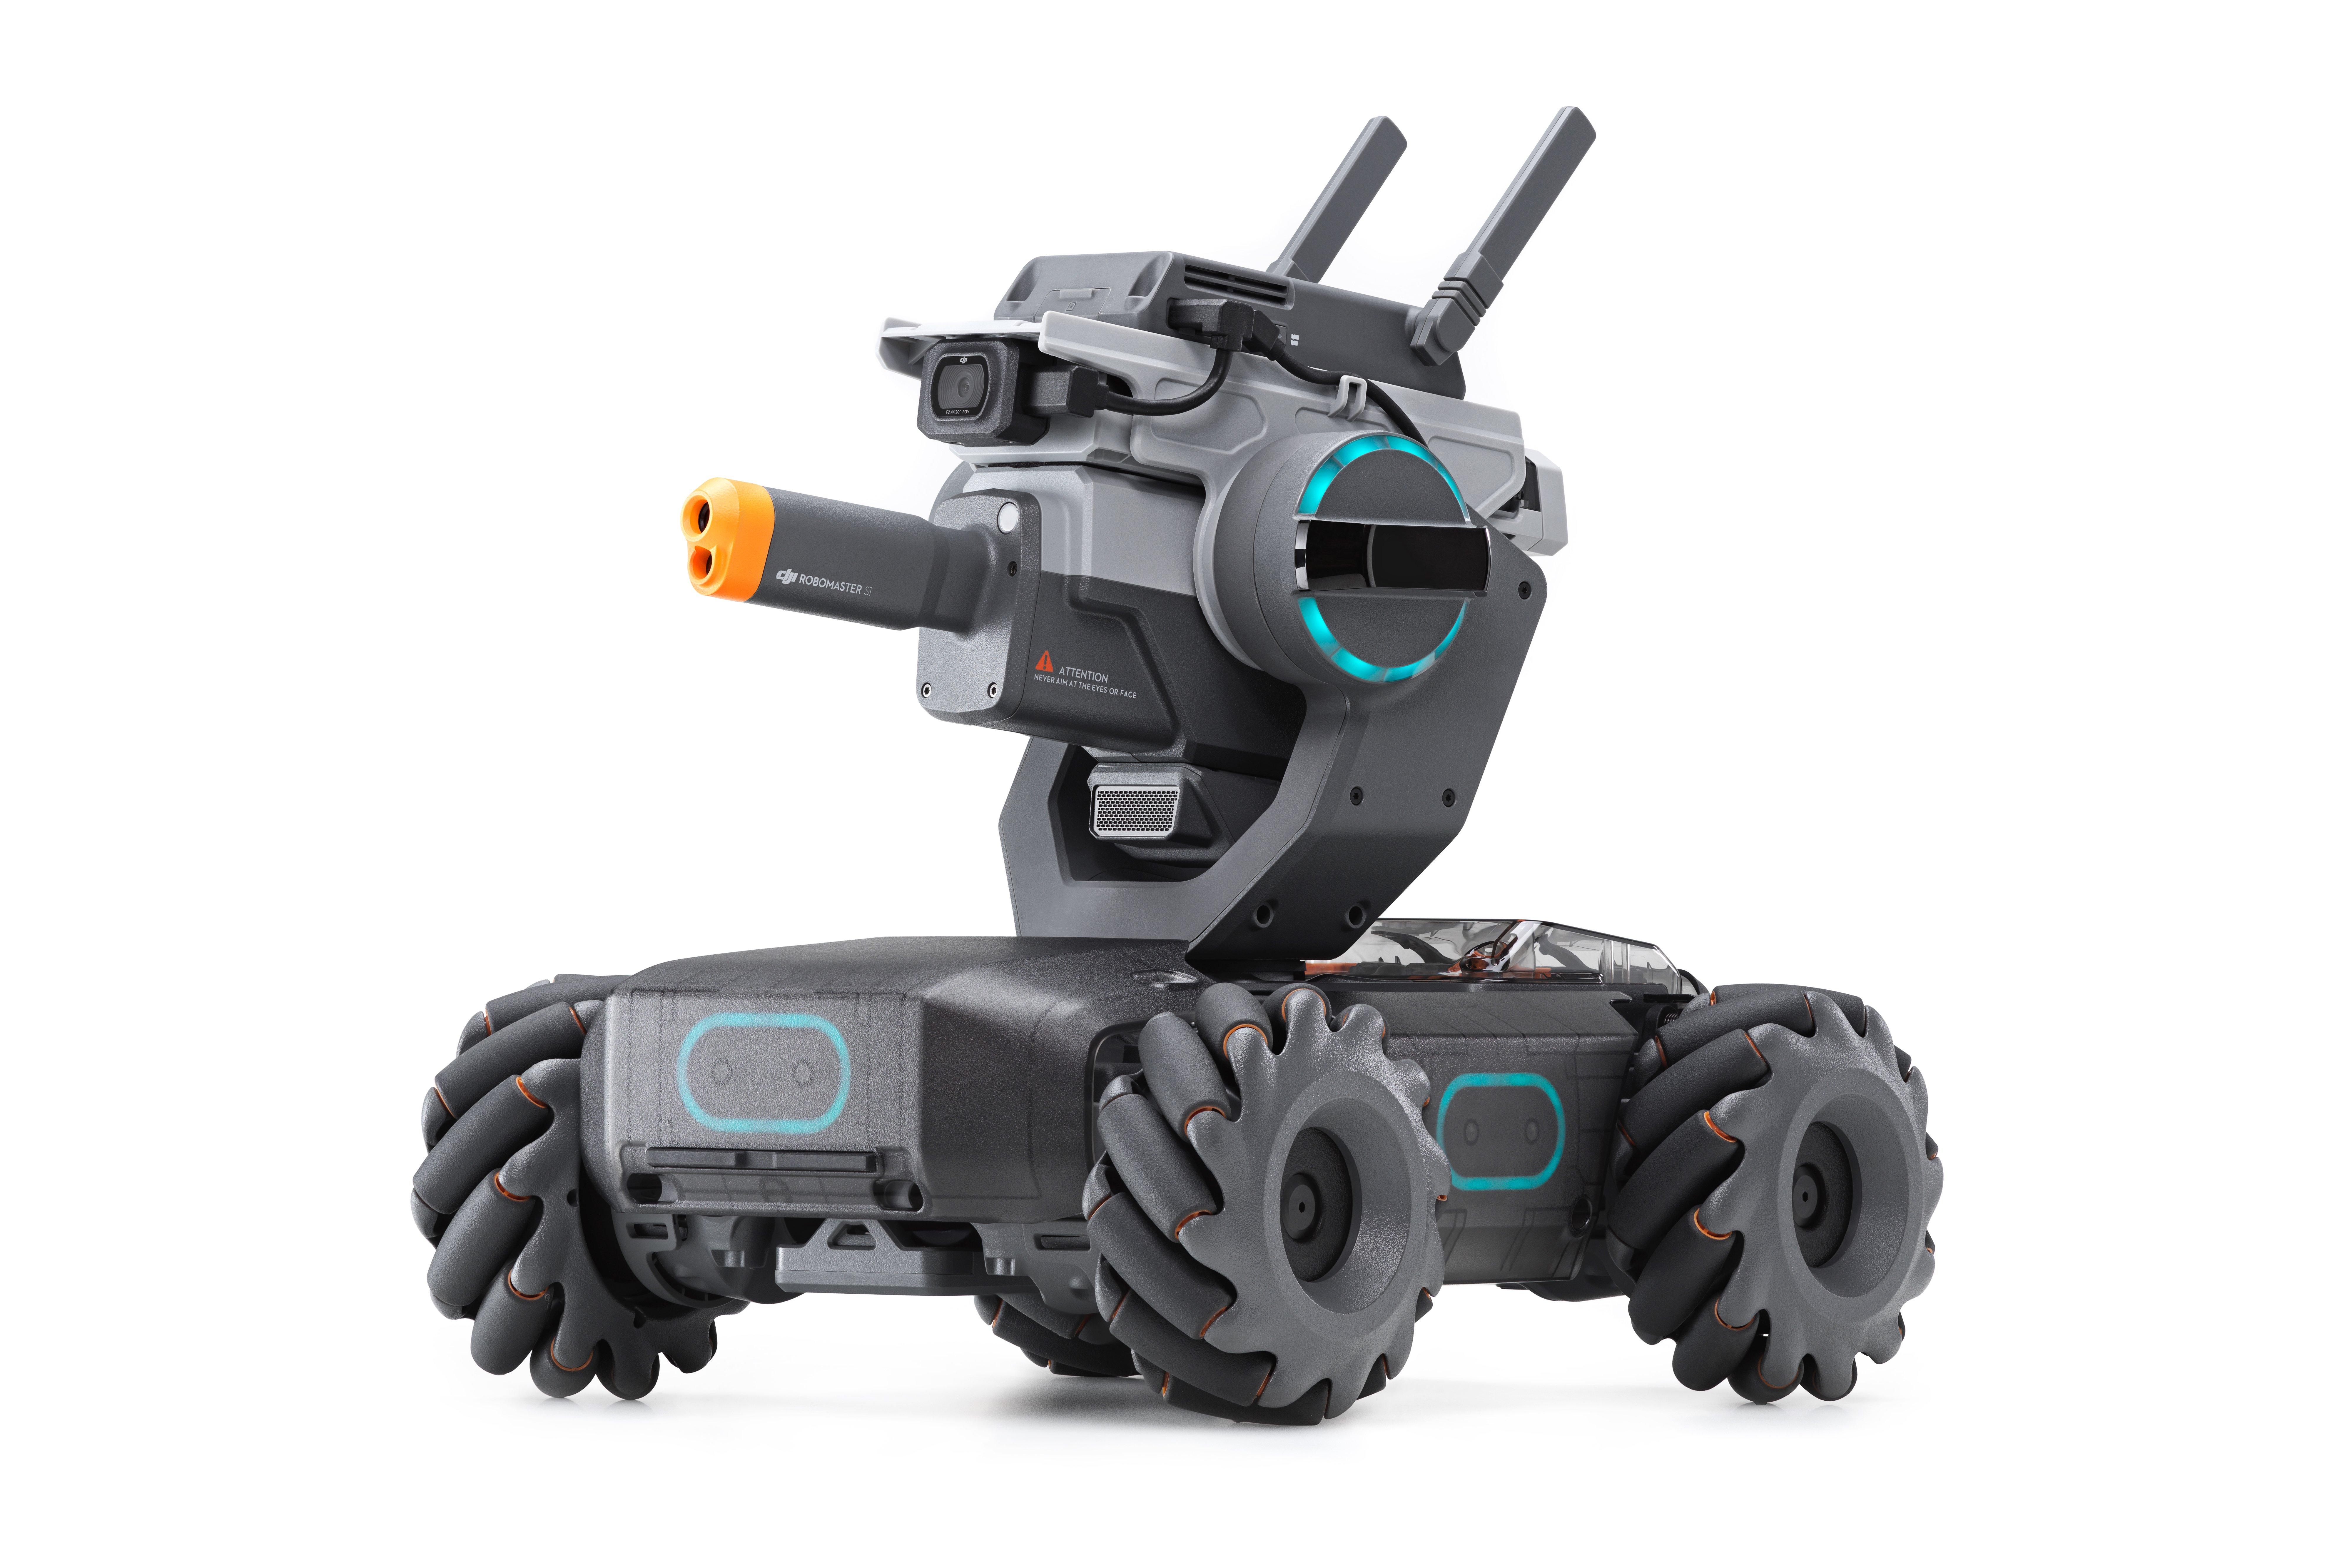 DJI RoboMaster S1 : lancement en France et nouvelles fonctionnalités pour le robot éducatif